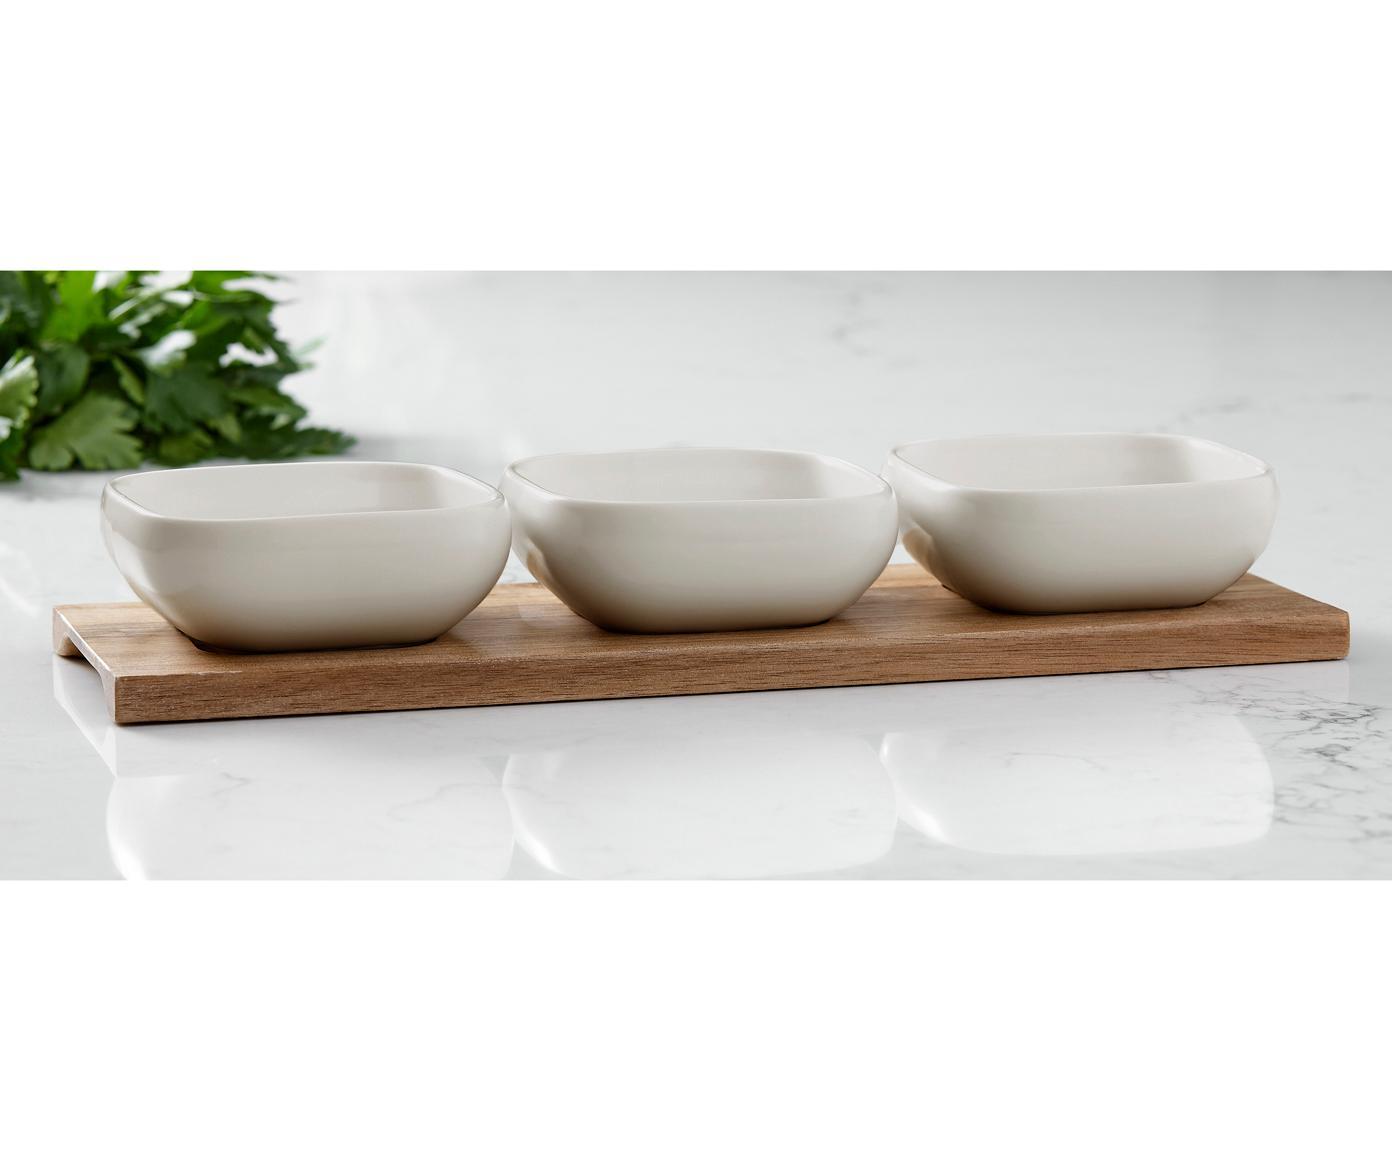 Schälchen Essentials aus Porzellan und Akazienholz, 4er-Set, Schälchen: Porzellan, Tablett: Akazienholz, Beige, Akazienholz, Sondergrößen